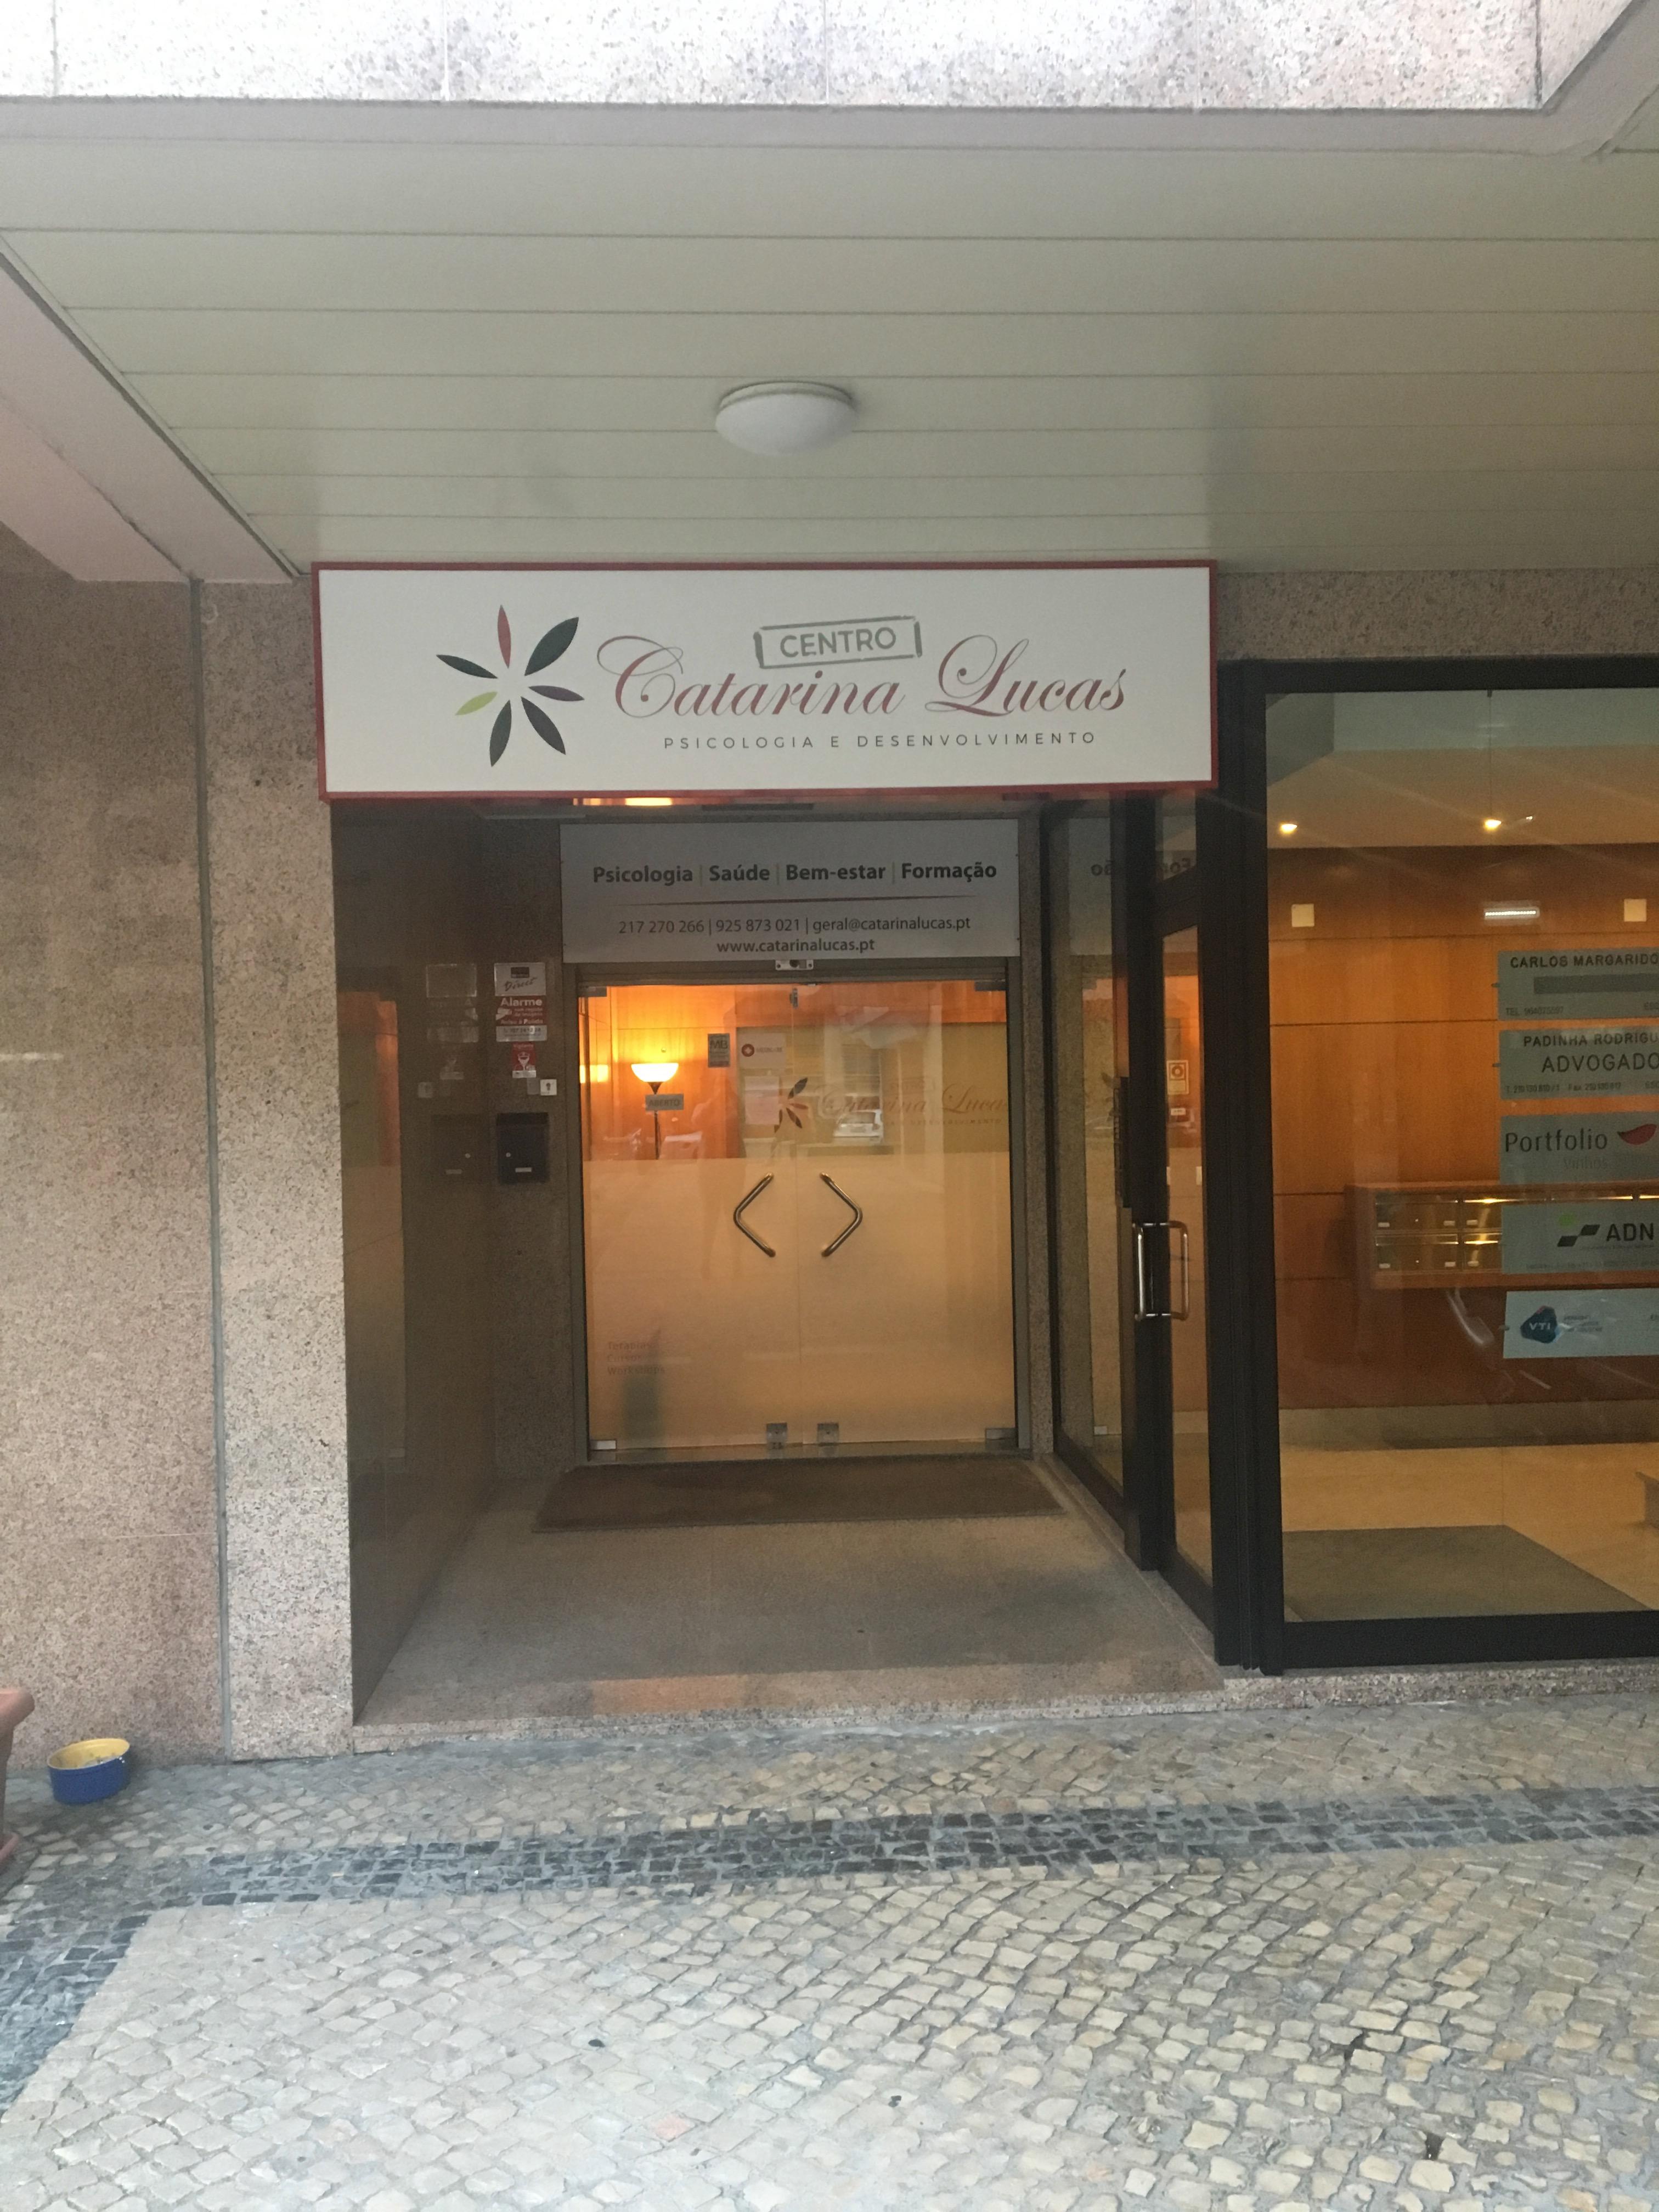 Centro Catarina Lucas